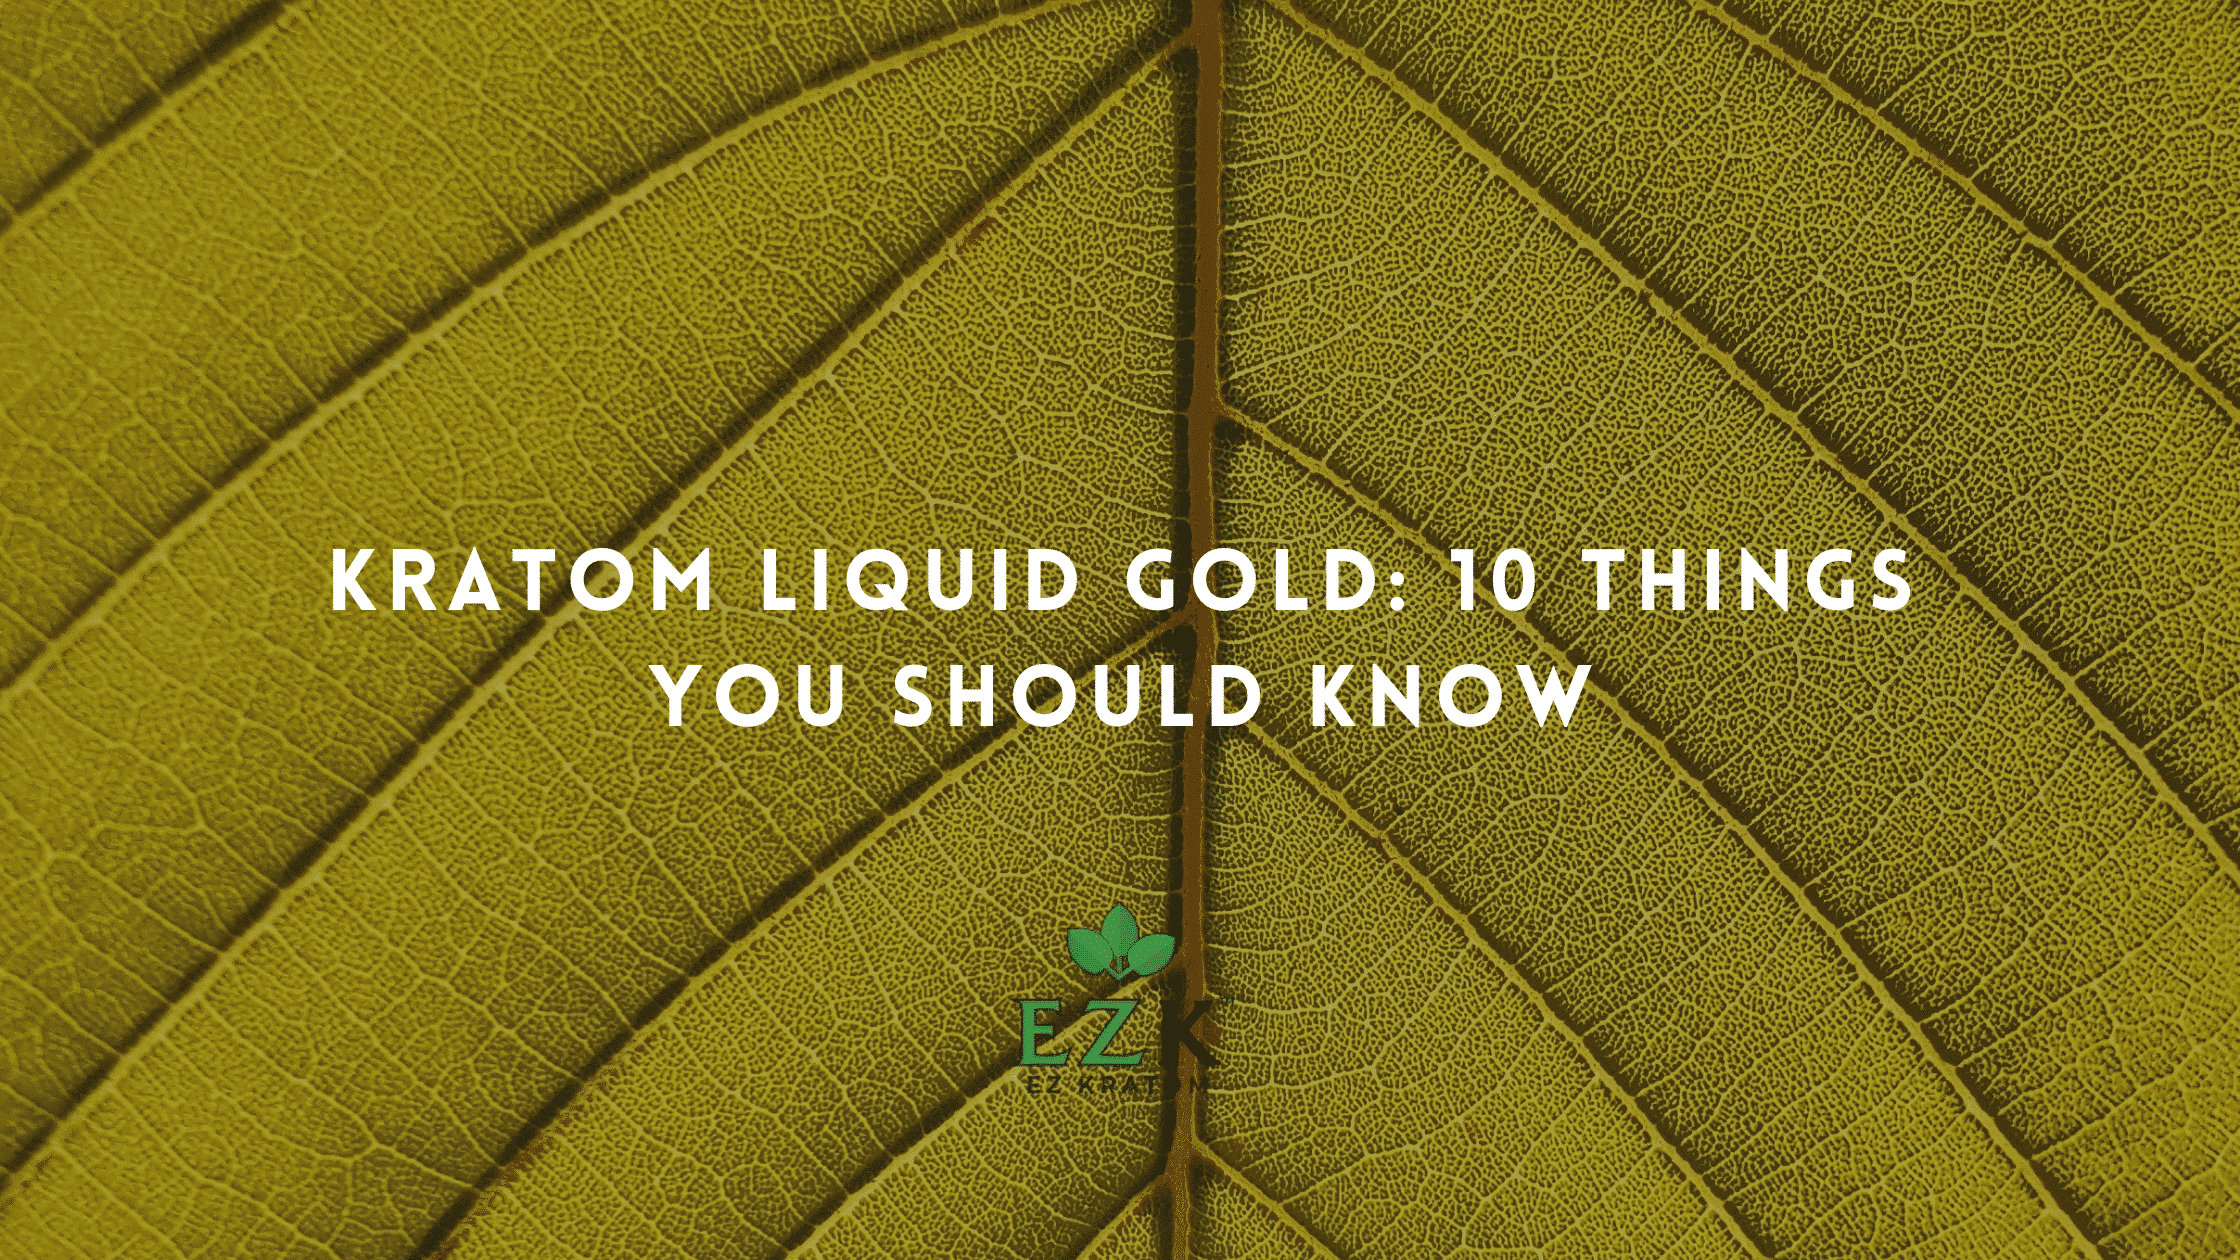 kratom liquid gold   kratom for anxiety   best golden kratom